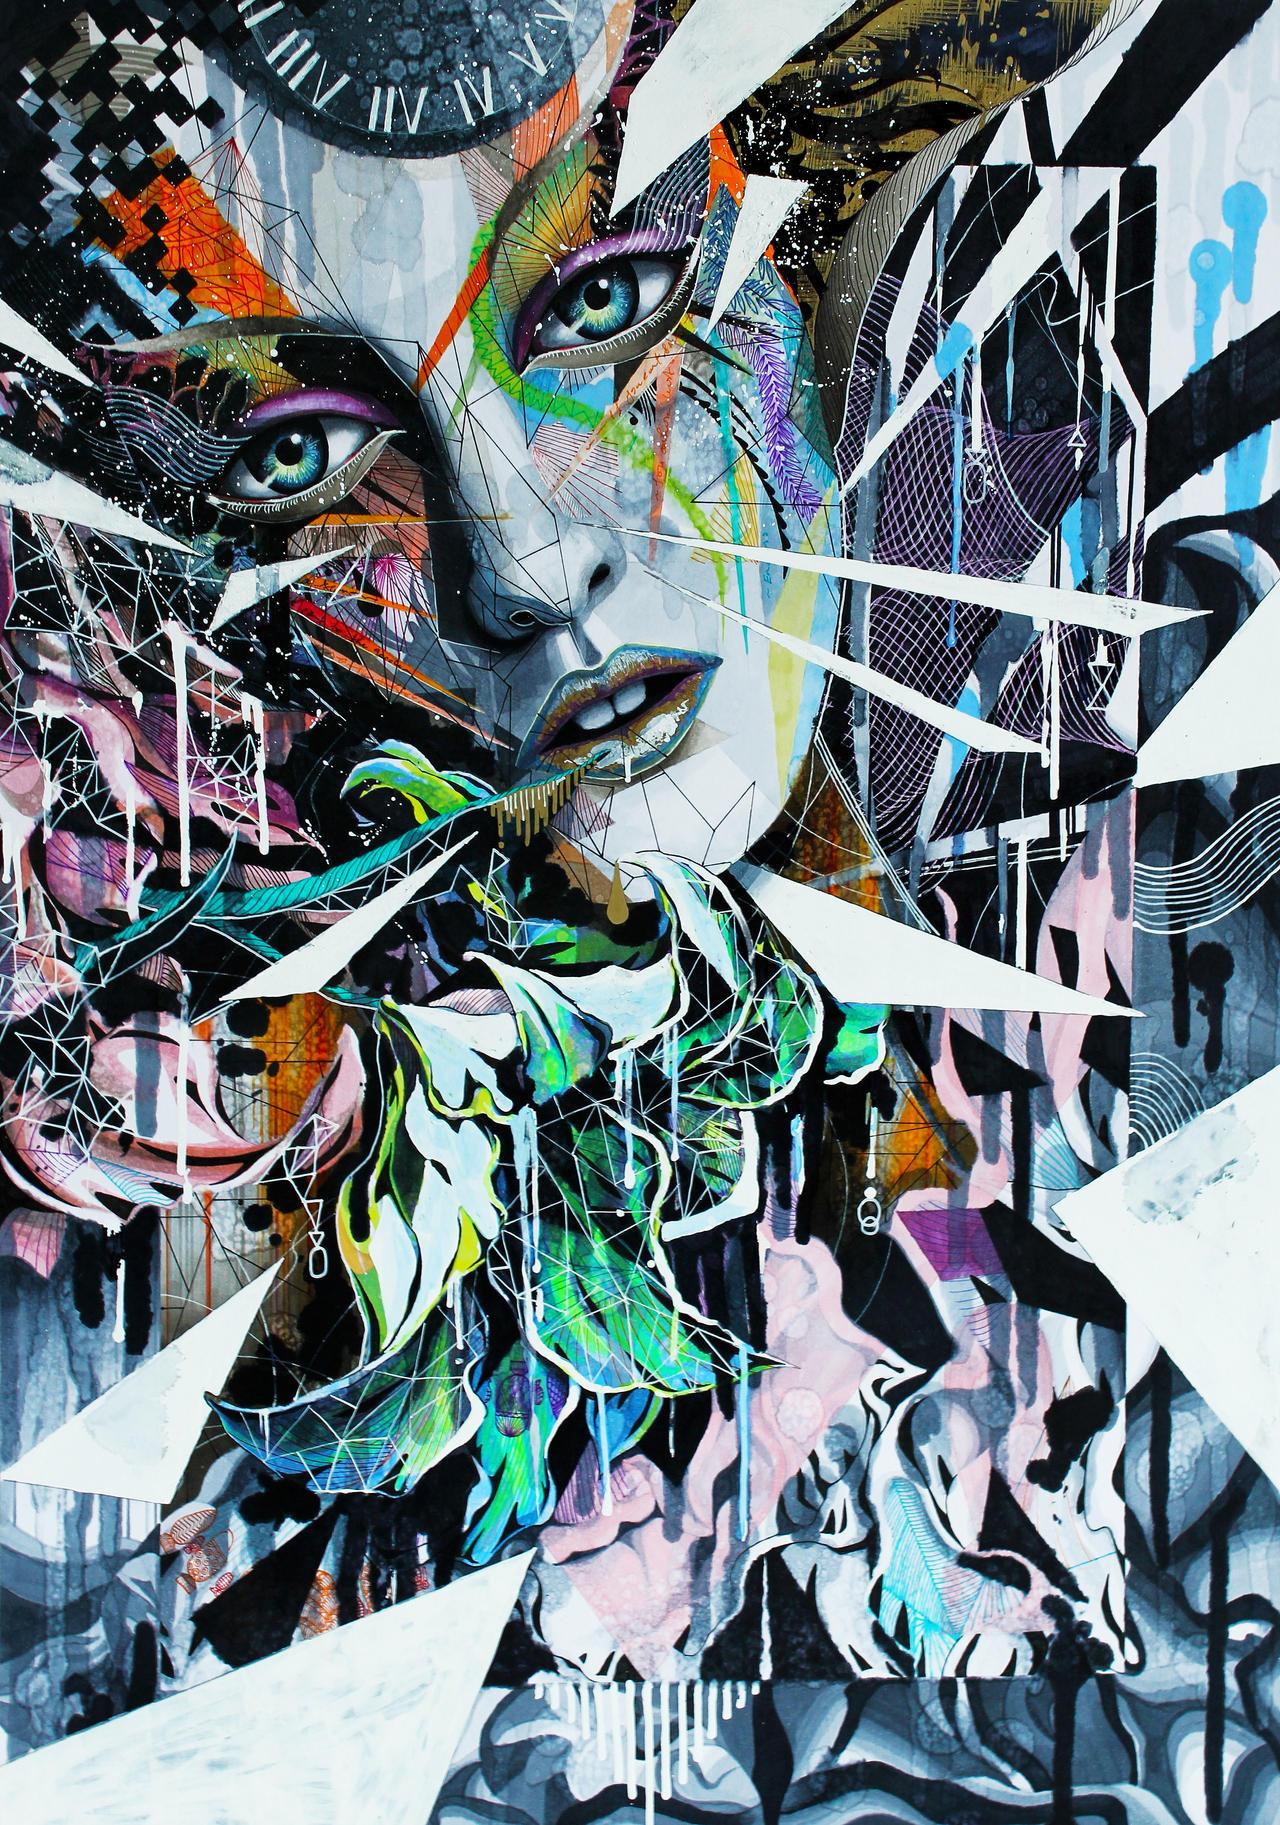 Nocturne (2013) by elevonART